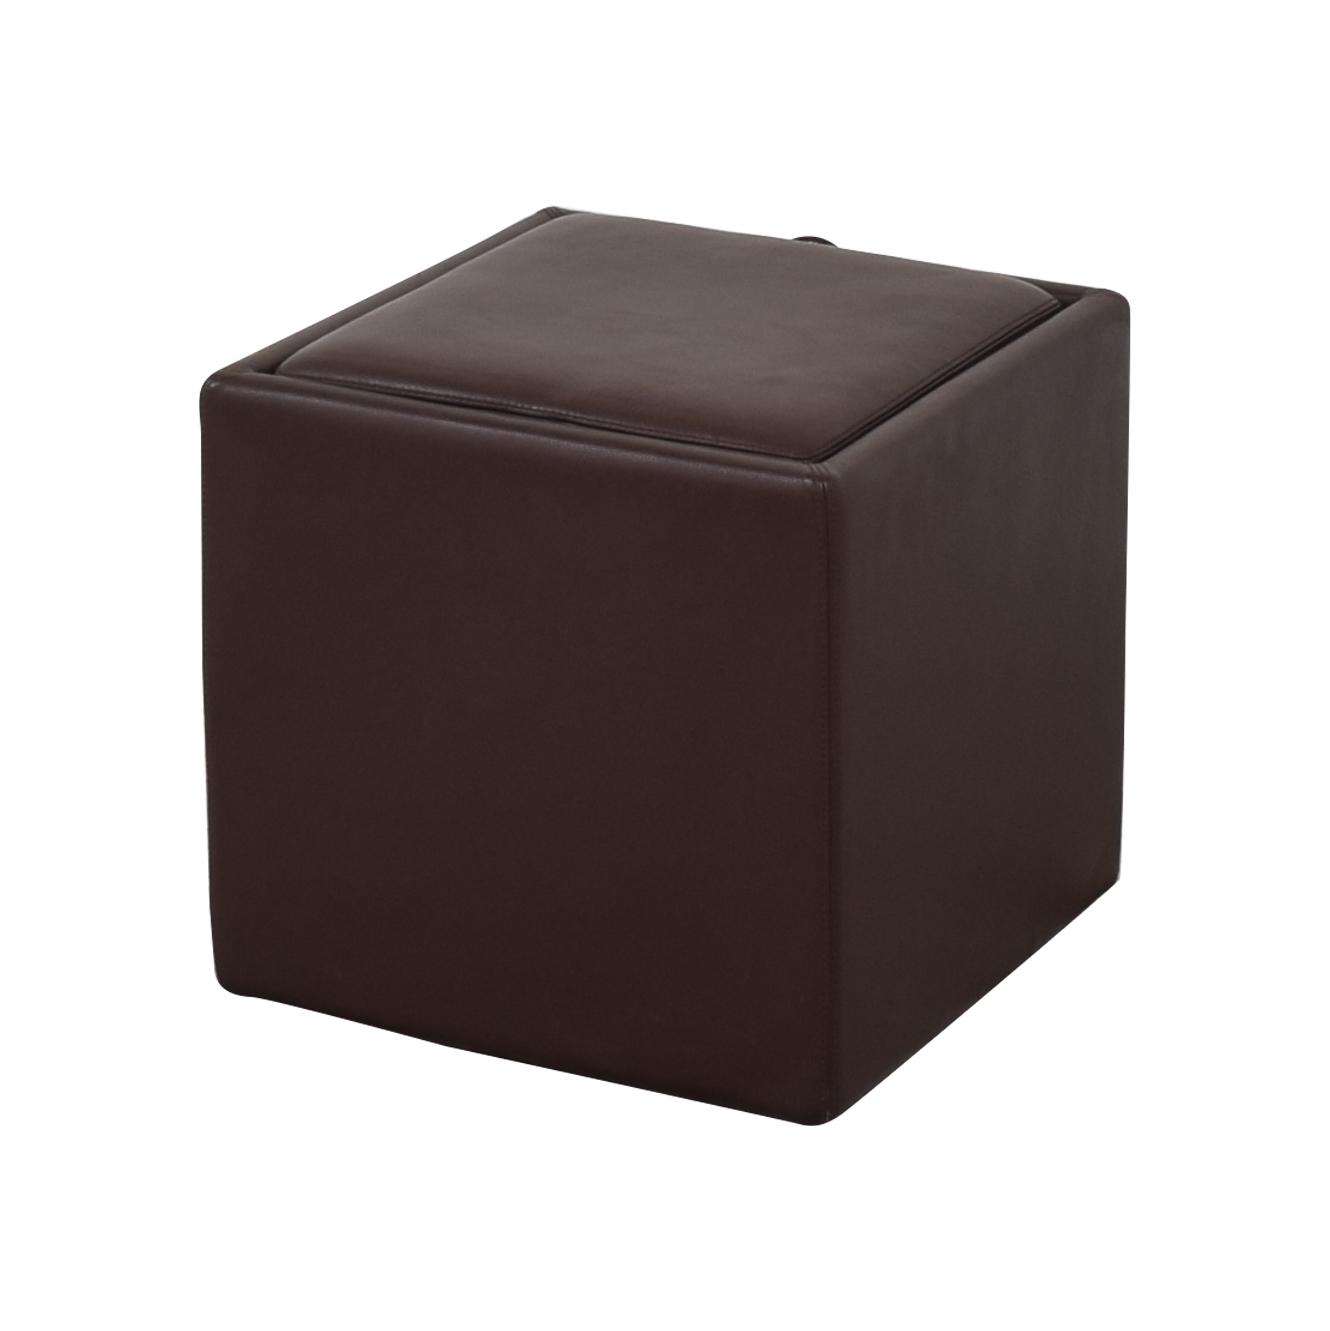 buy Design Within Reach Nexus Storage Cube Design Within Reach